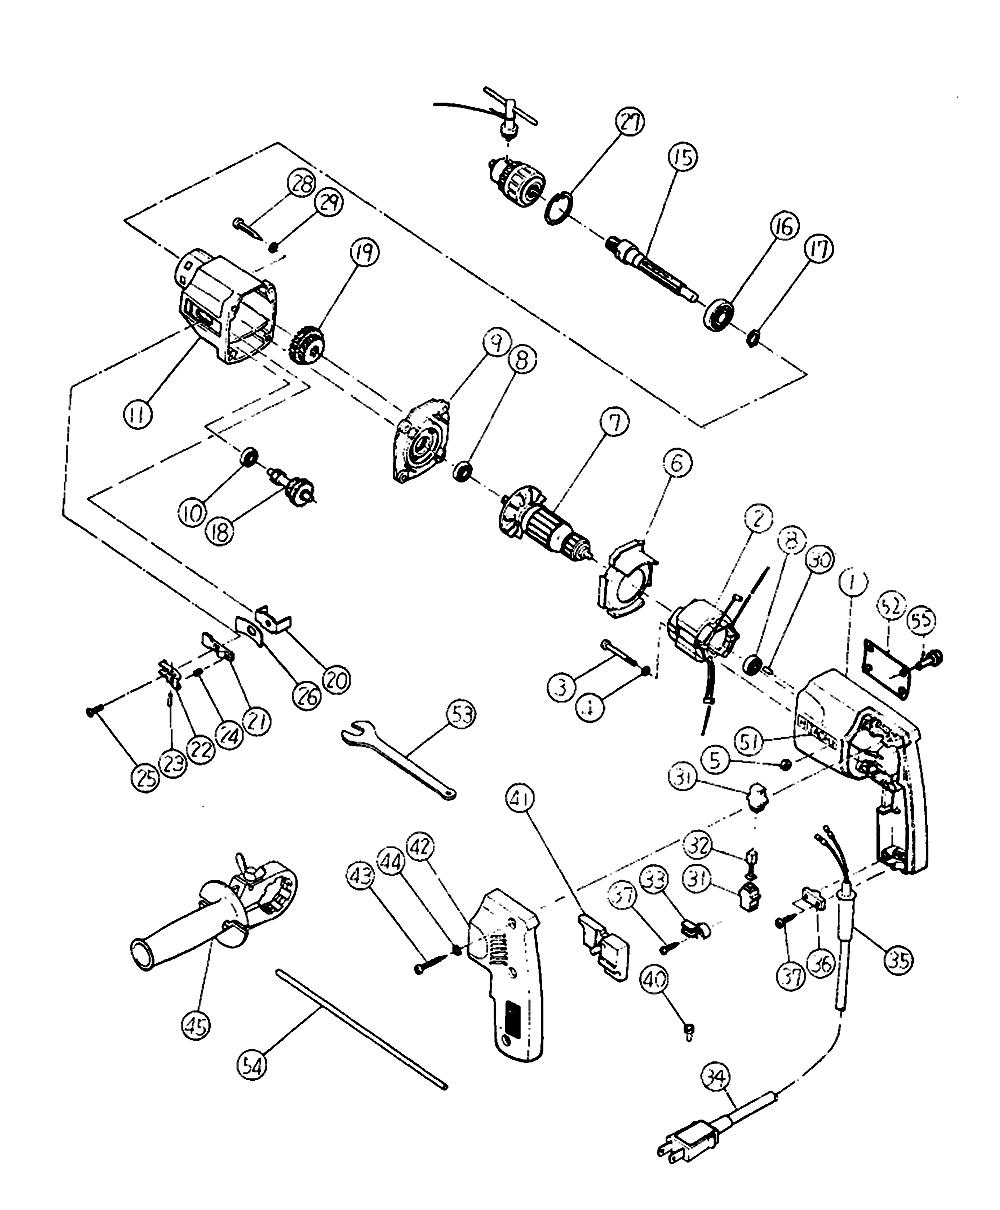 Hitachi DUT13 Parts List | Hitachi DUT13 Repair Parts | OEM Parts